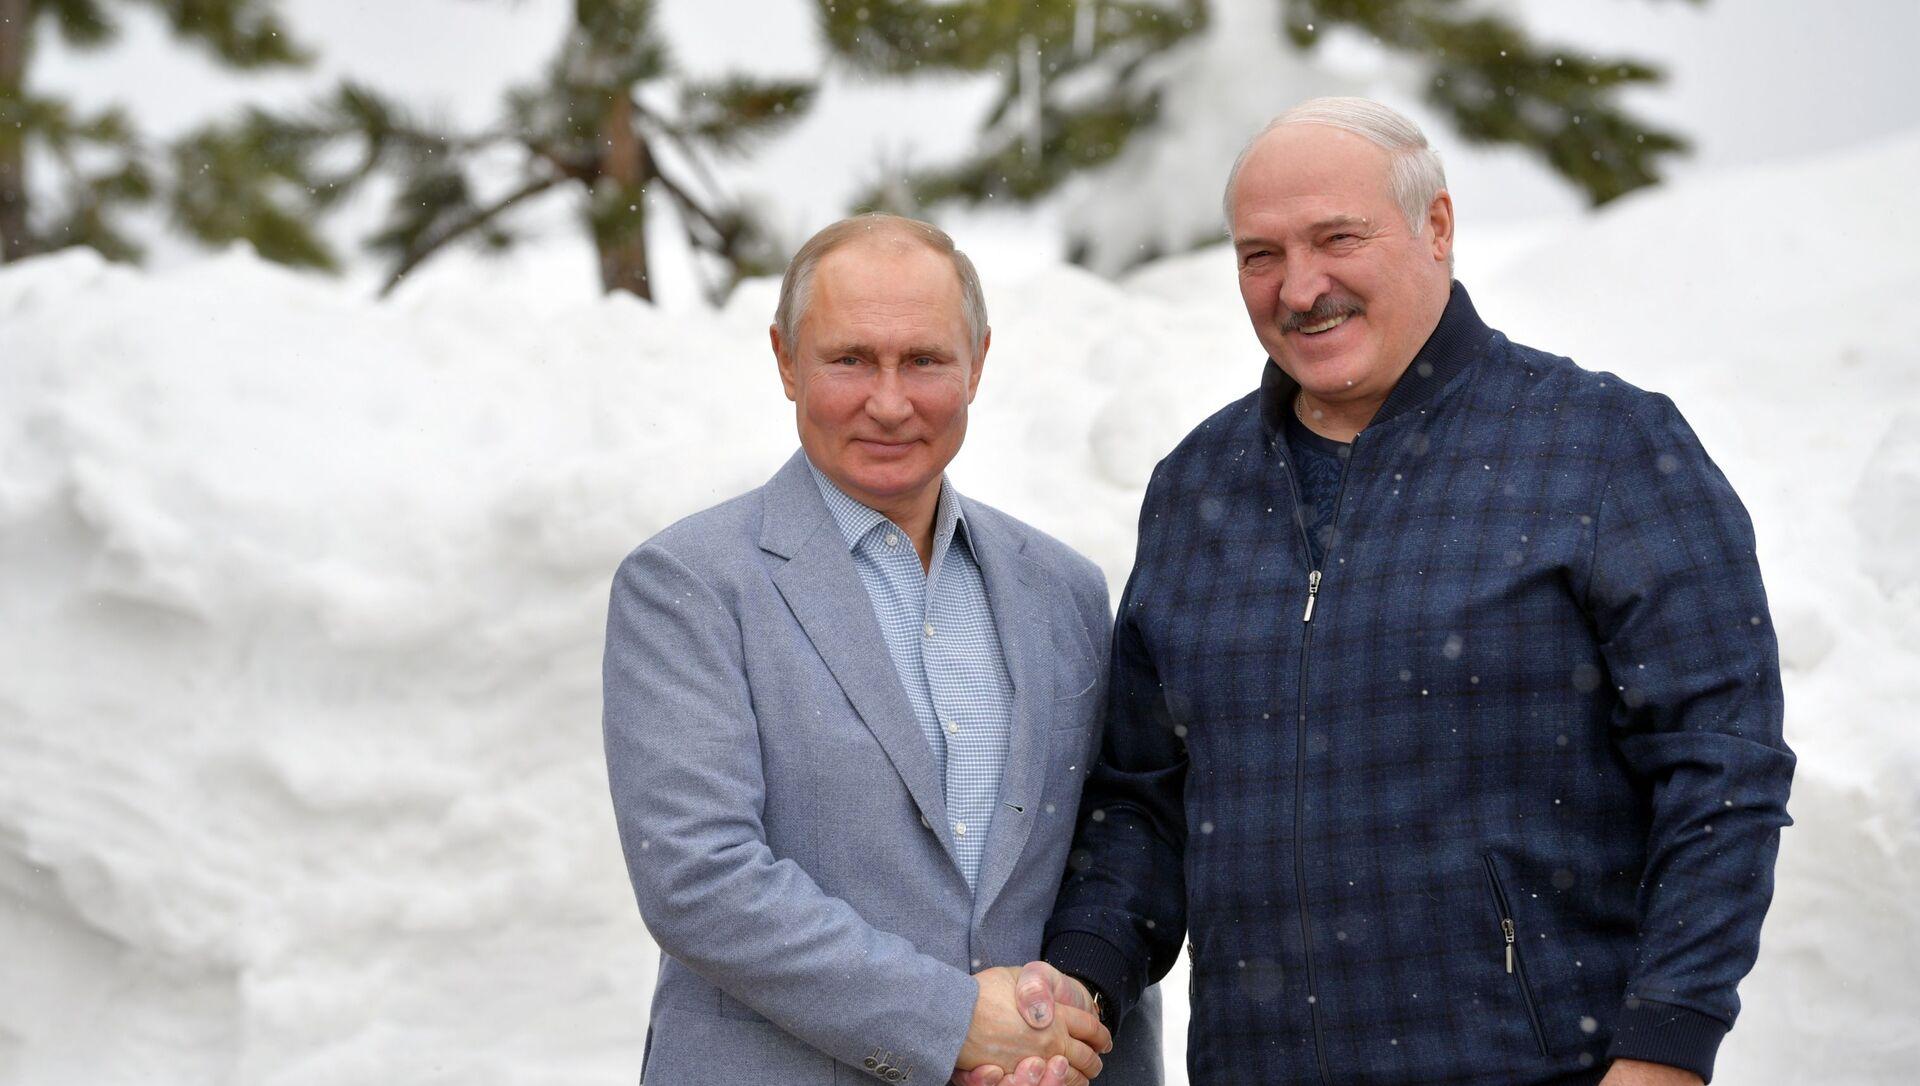 Alexandr Lukašenko s Vladimirem Putinem v Soči, únor 2021 - Sputnik Česká republika, 1920, 22.02.2021